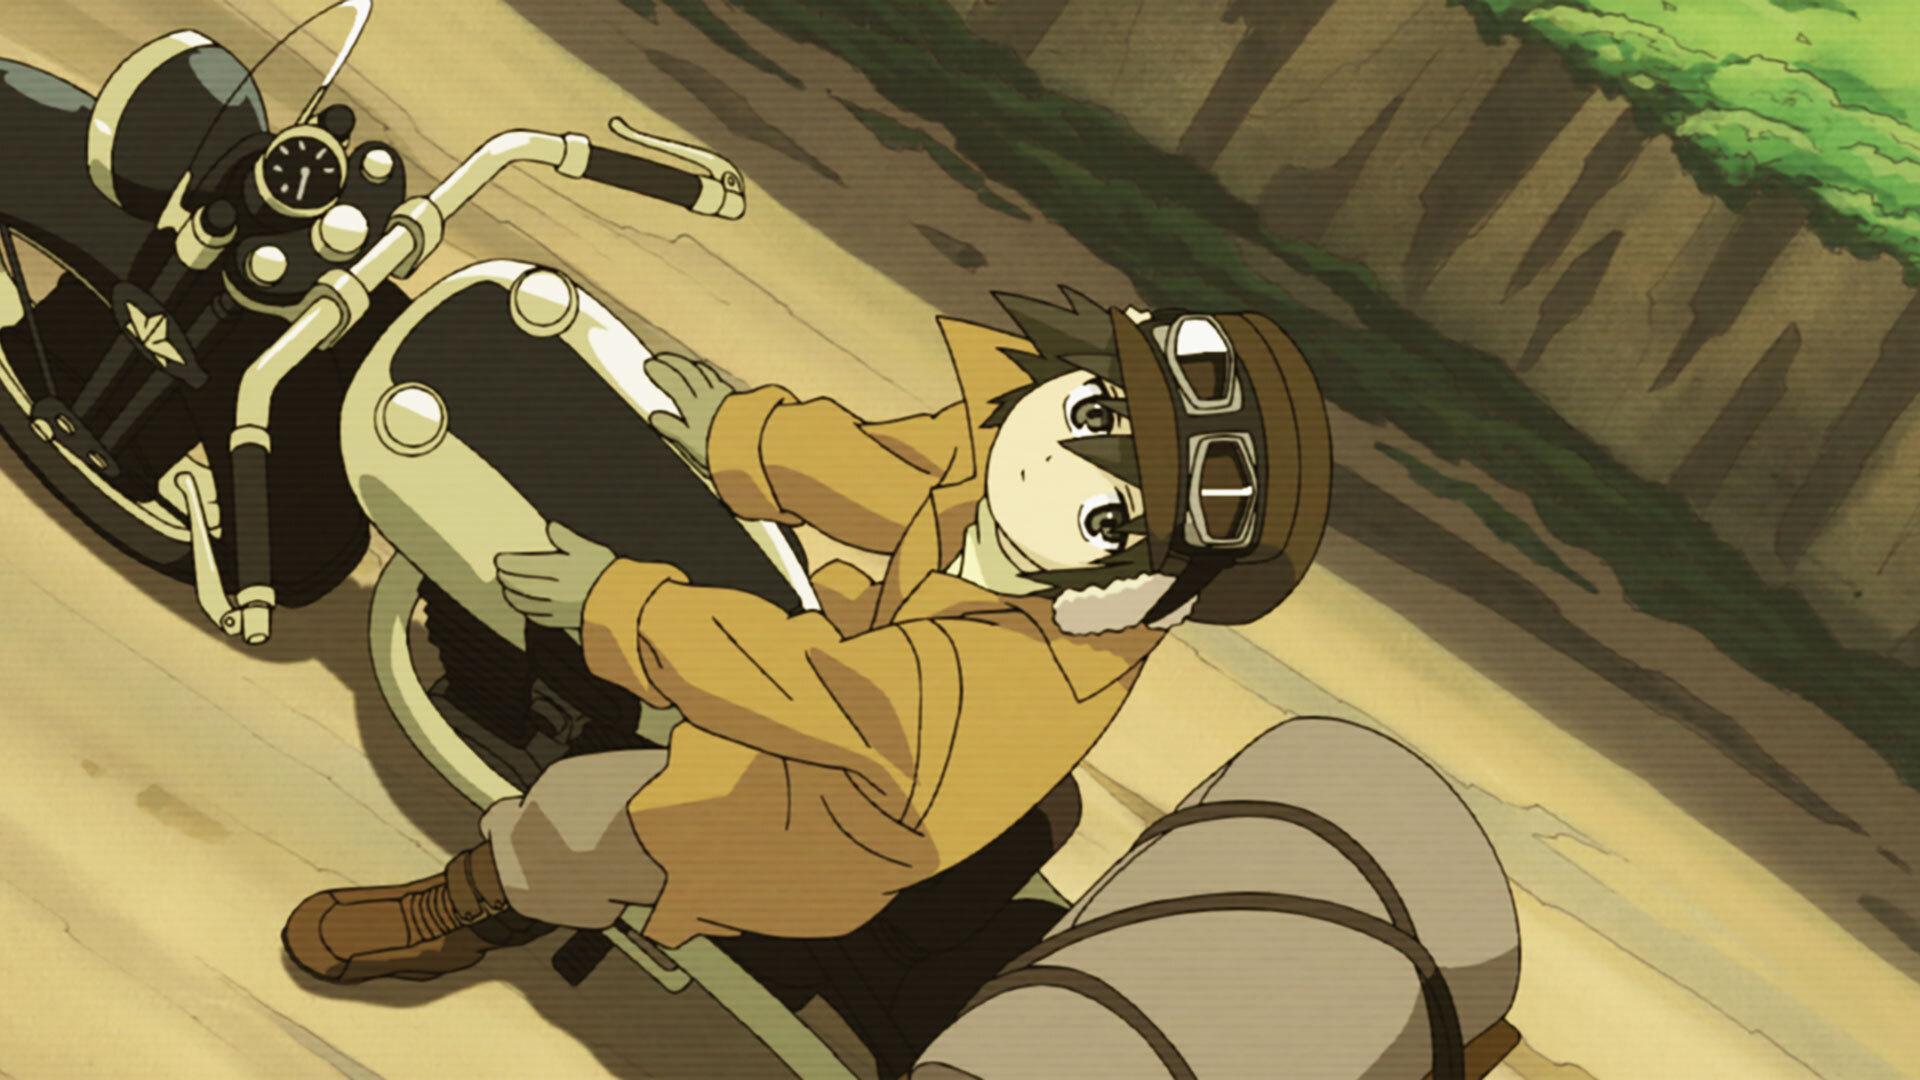 キノの旅 -the Beautiful World- 第1話  バンダイチャンネル 初回おためし無料のアニメ配信サービス